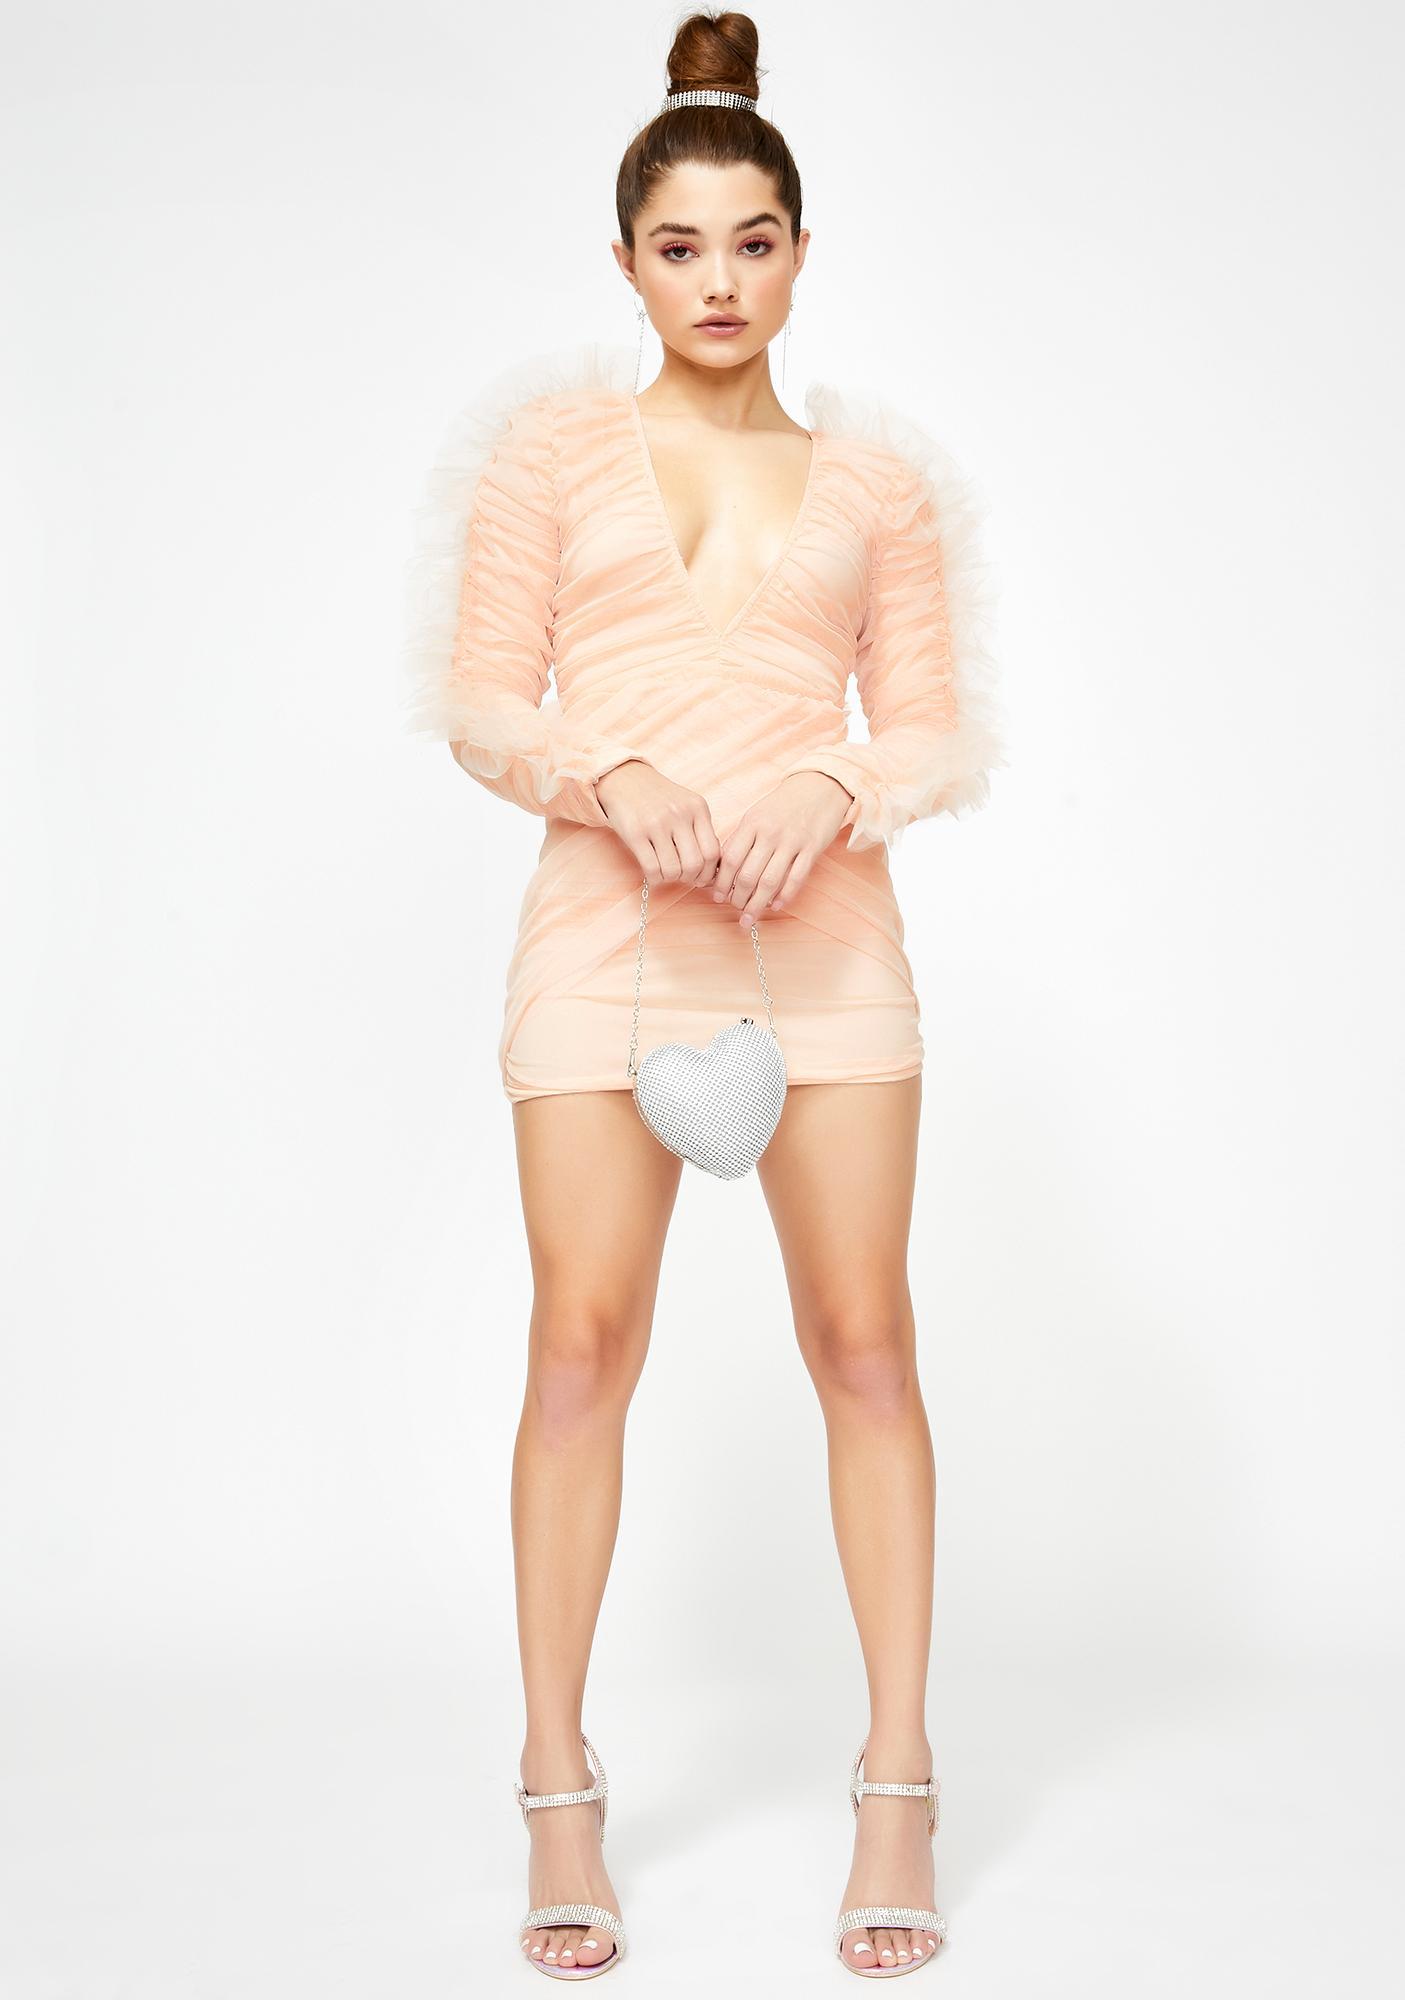 Kiki Riki Get What I Want Tulle Dress